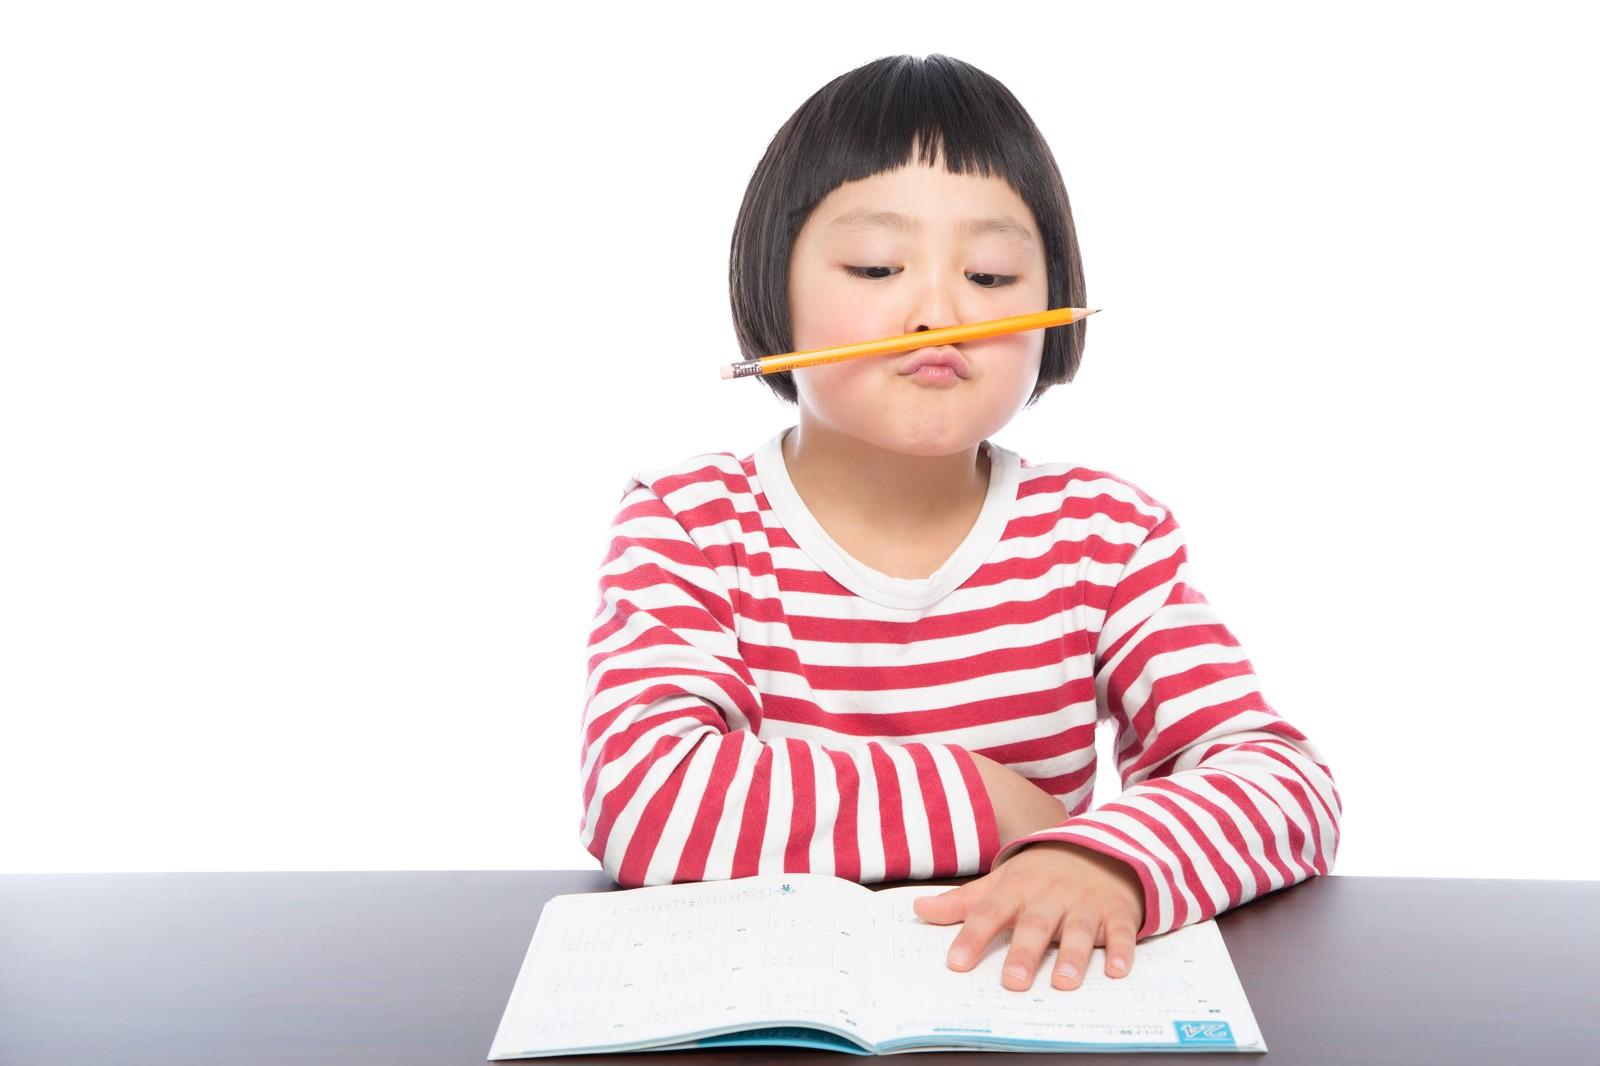 計画的な受験勉強